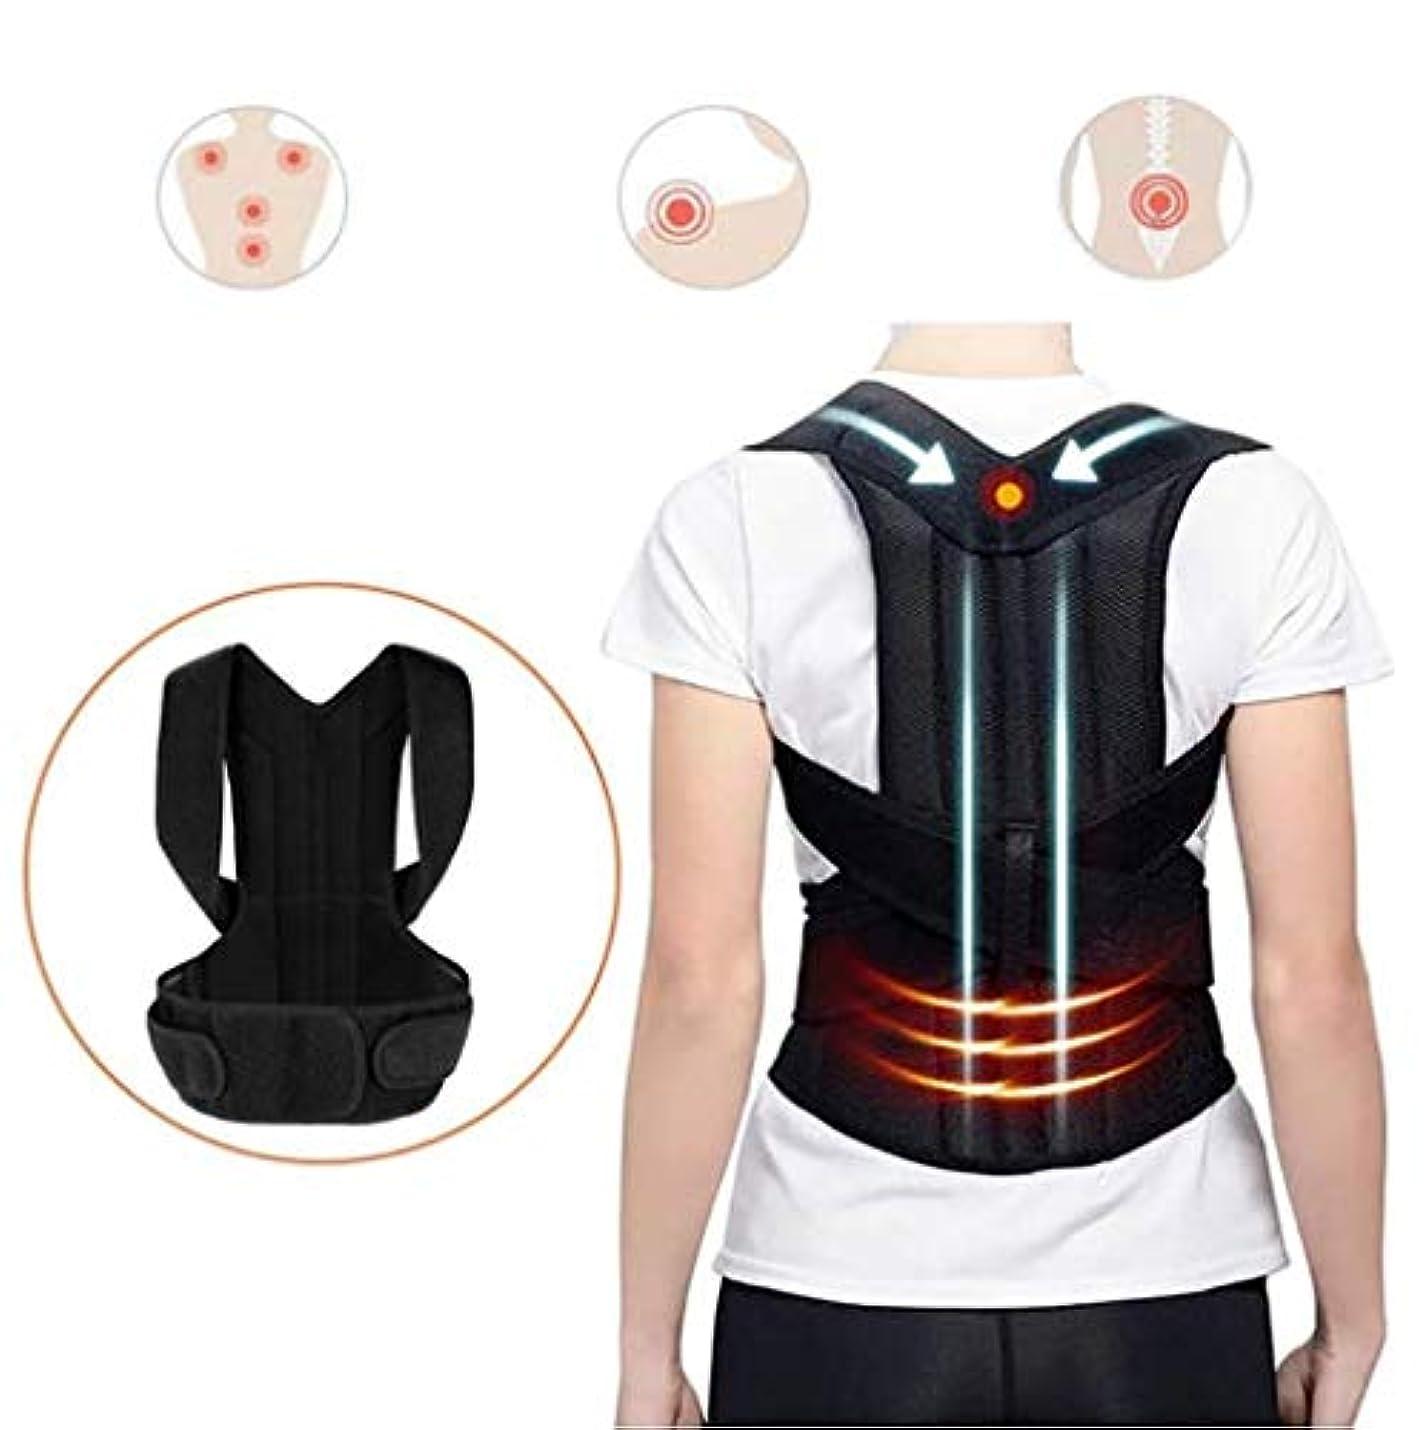 以来スカート薬矯正ベルト、背部姿勢矯正装置、ハンチバックの防止、背中サポートツールの改善、オフィス学習演習用の肩矯正 (Size : M)